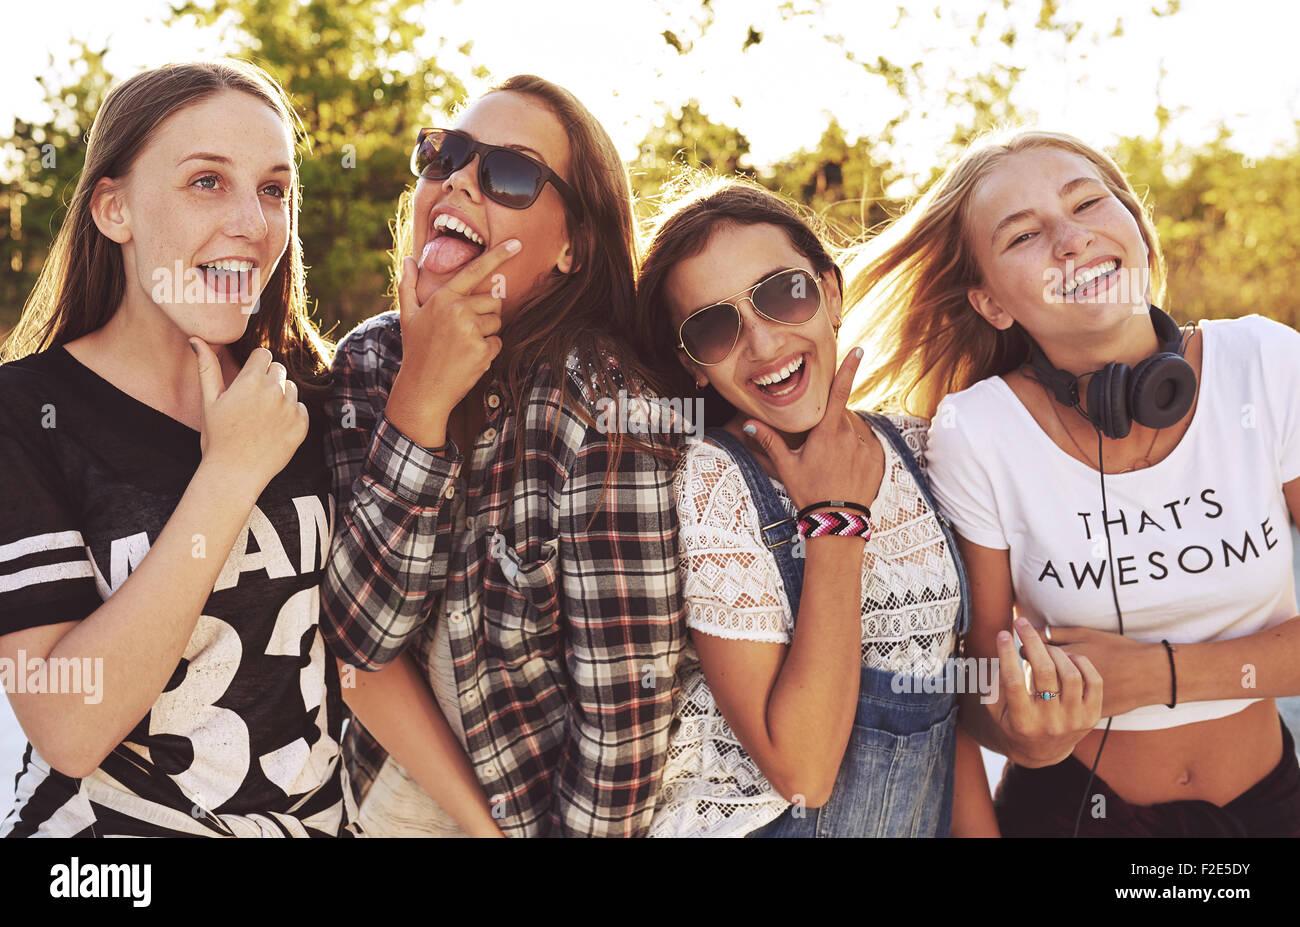 Groupe de filles faisant l'amusement des expressions un l'appareil photo, à l'extérieur dans un parc Banque D'Images